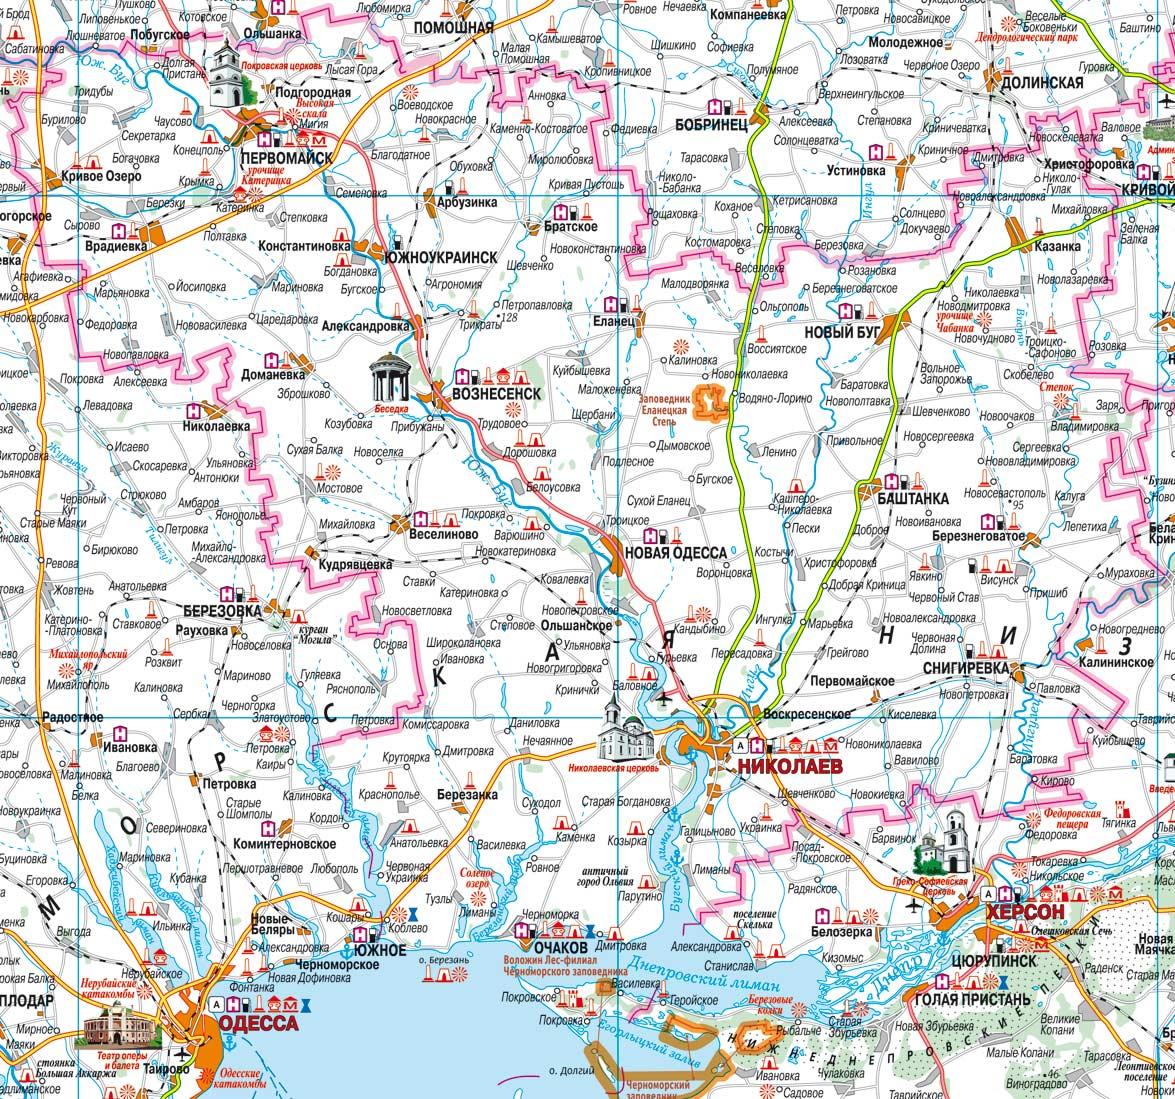 Туристические достопримечательности Николаевской области, карта